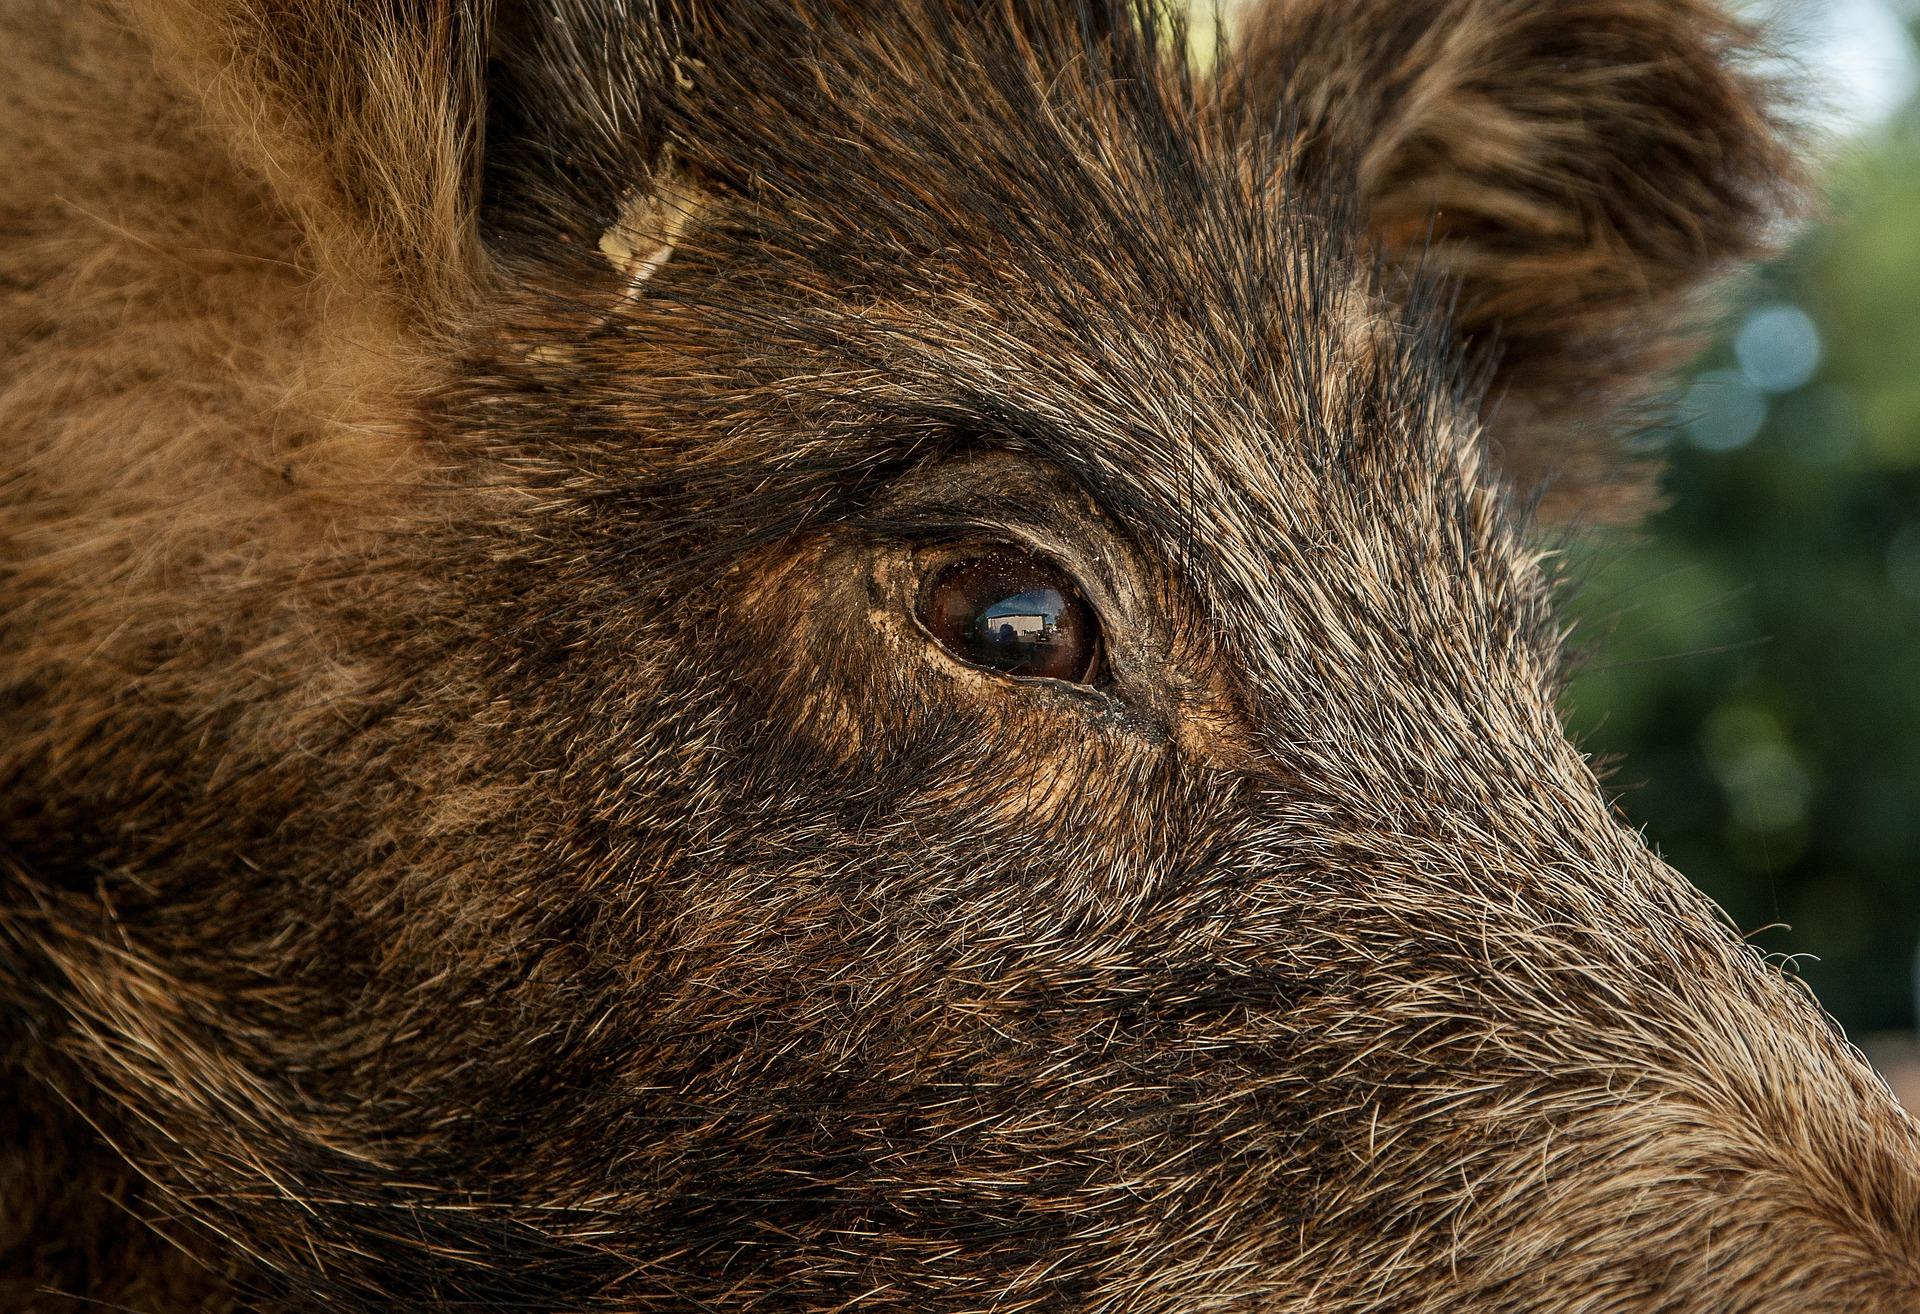 Keine rechten Jäger - Unzuverlässigkeit durch Mitgliedschaft in der NPD